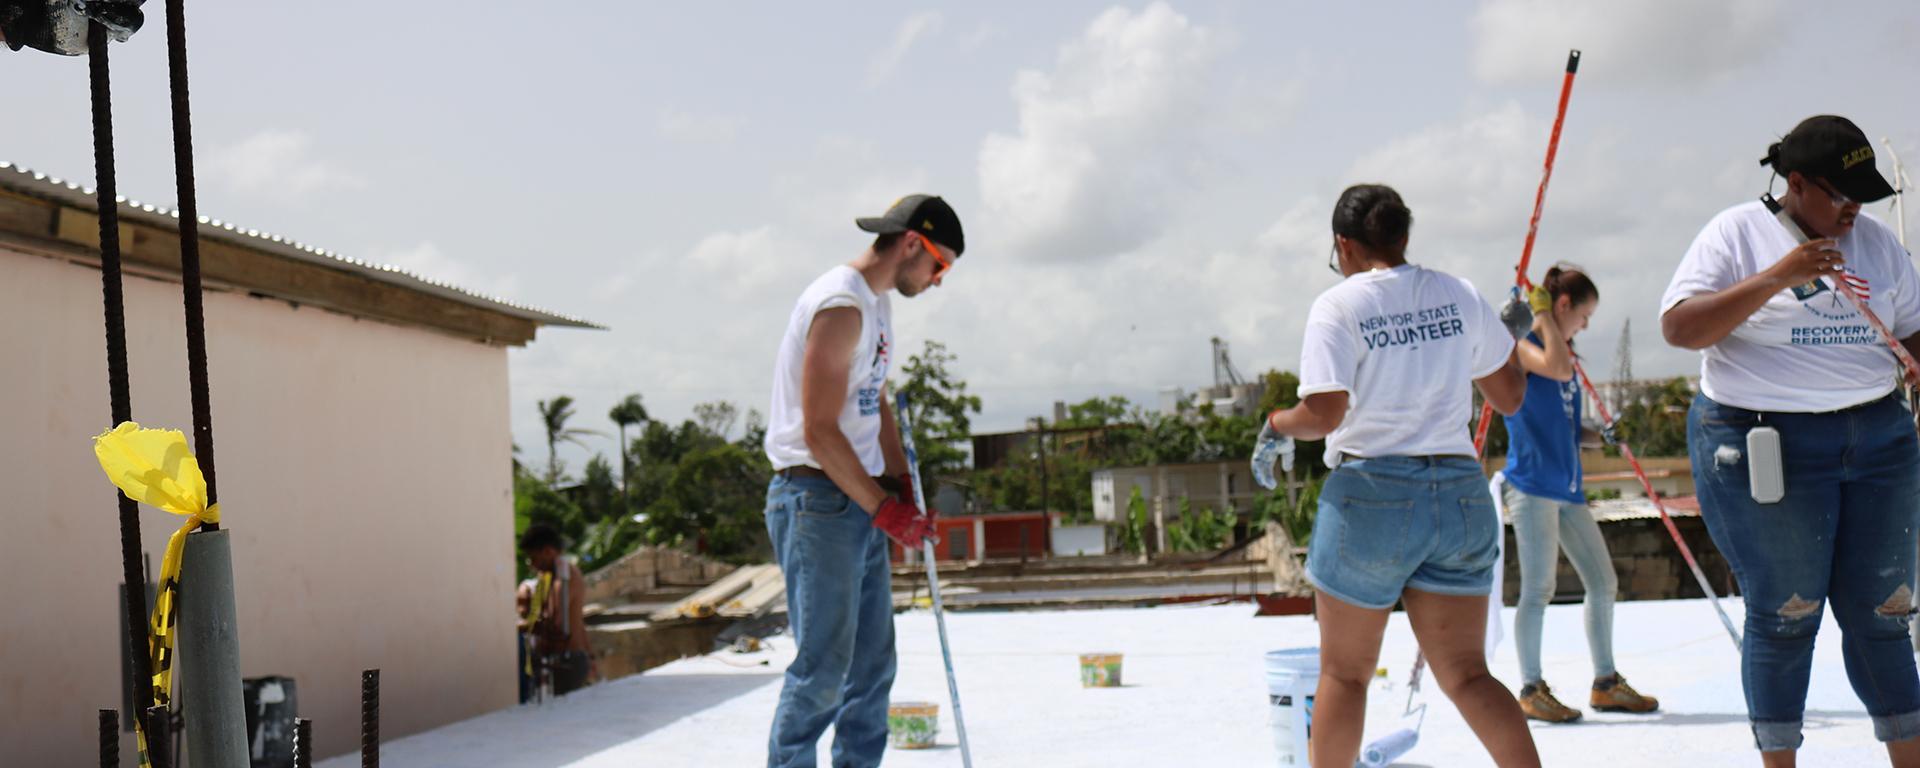 Students help repair roof in Puerto Rico